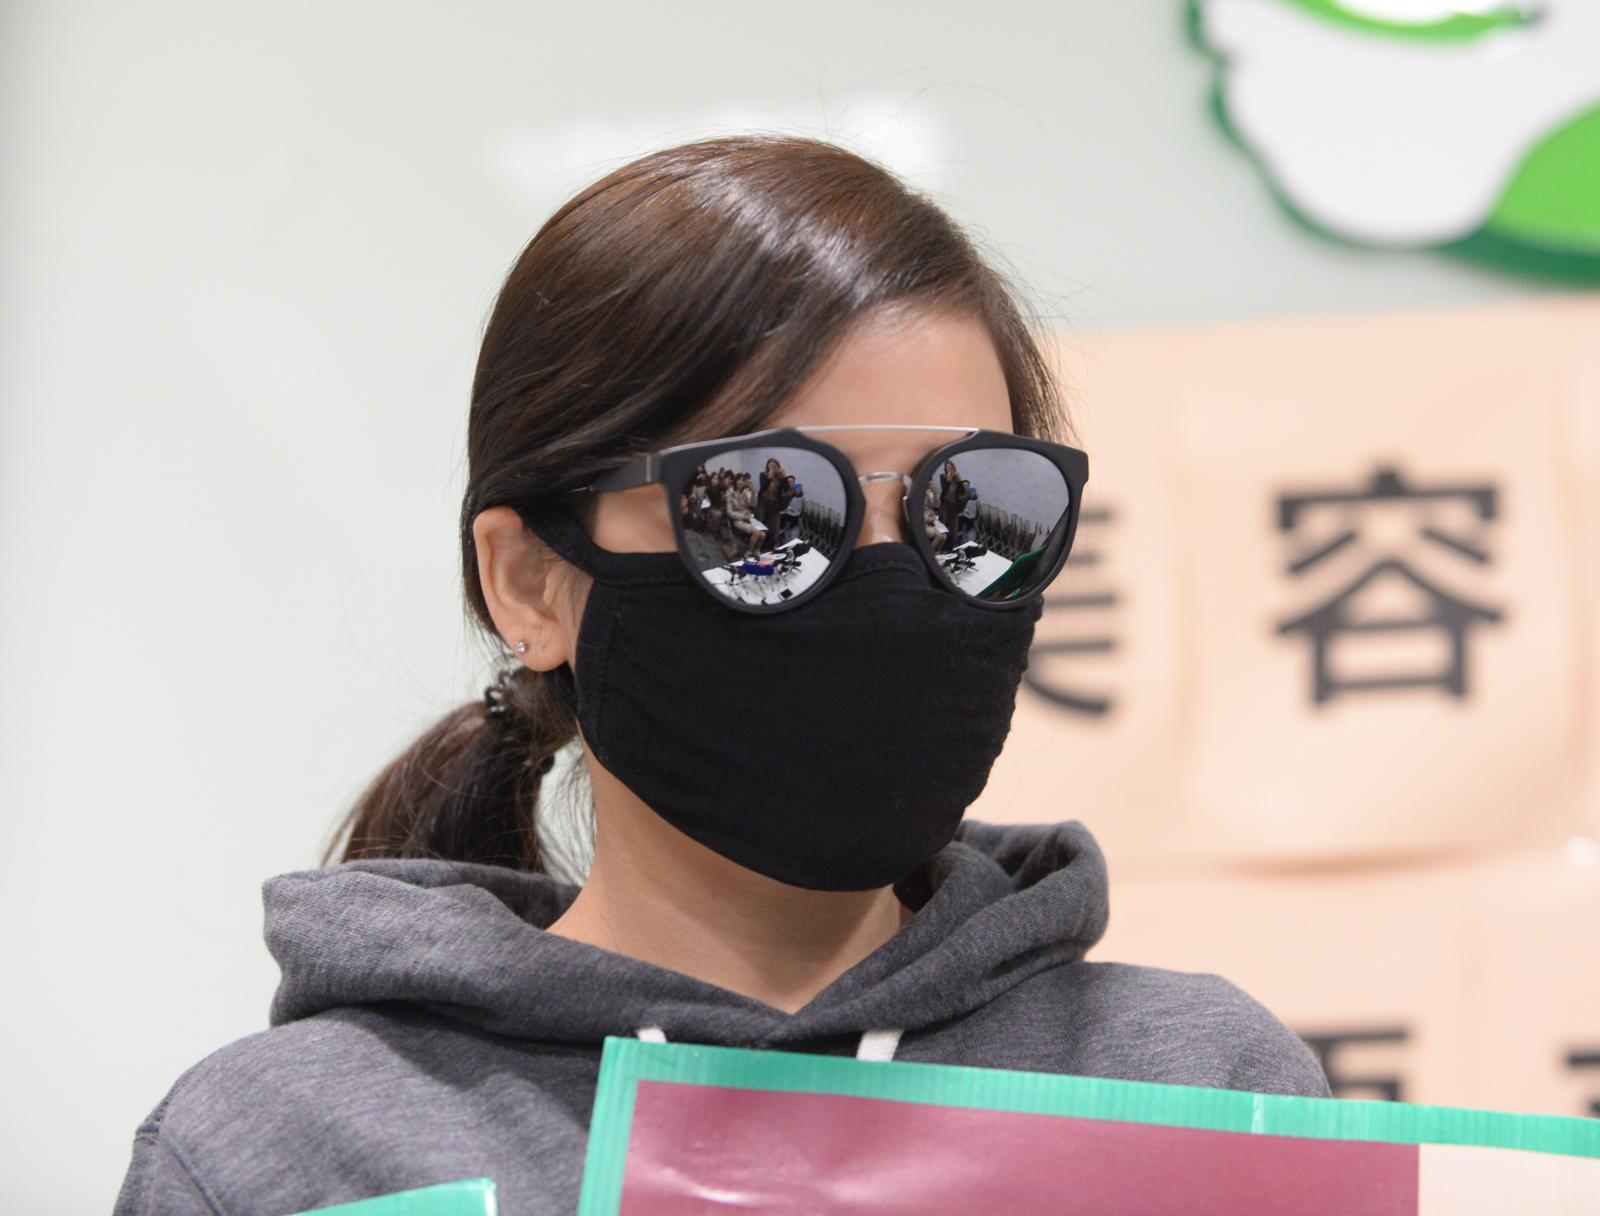 女事主接受疗程后,出现头部撕裂式剧痛、面部麻痹及呕吐,眼下位置至今仍凹凸不平。